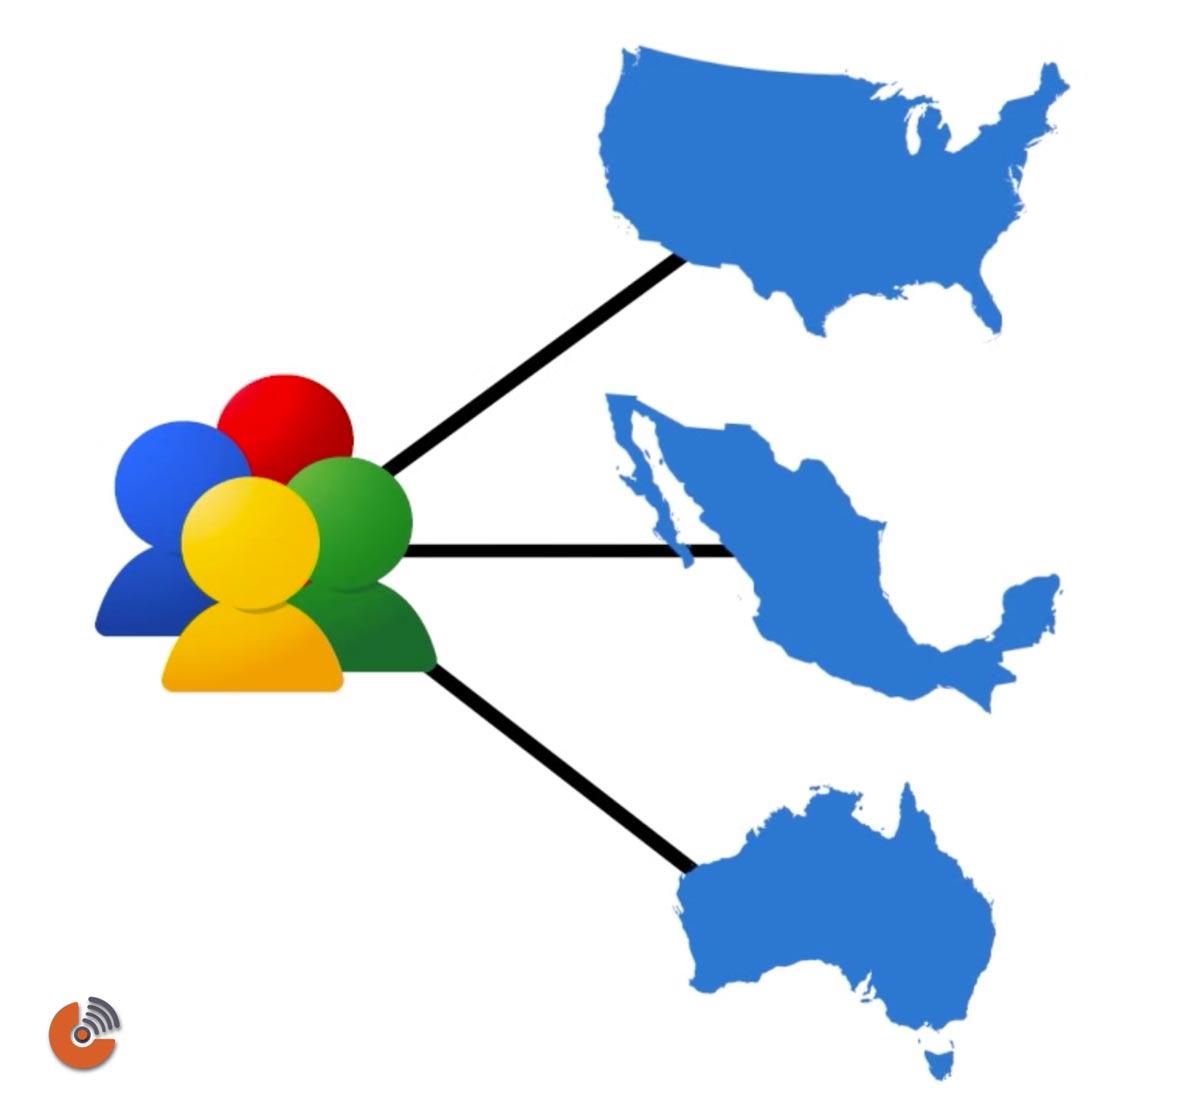 دسته بندی اطلاعات براساس کشور، شهر یا منطقه - گوگل آنالیتیک - google analytics